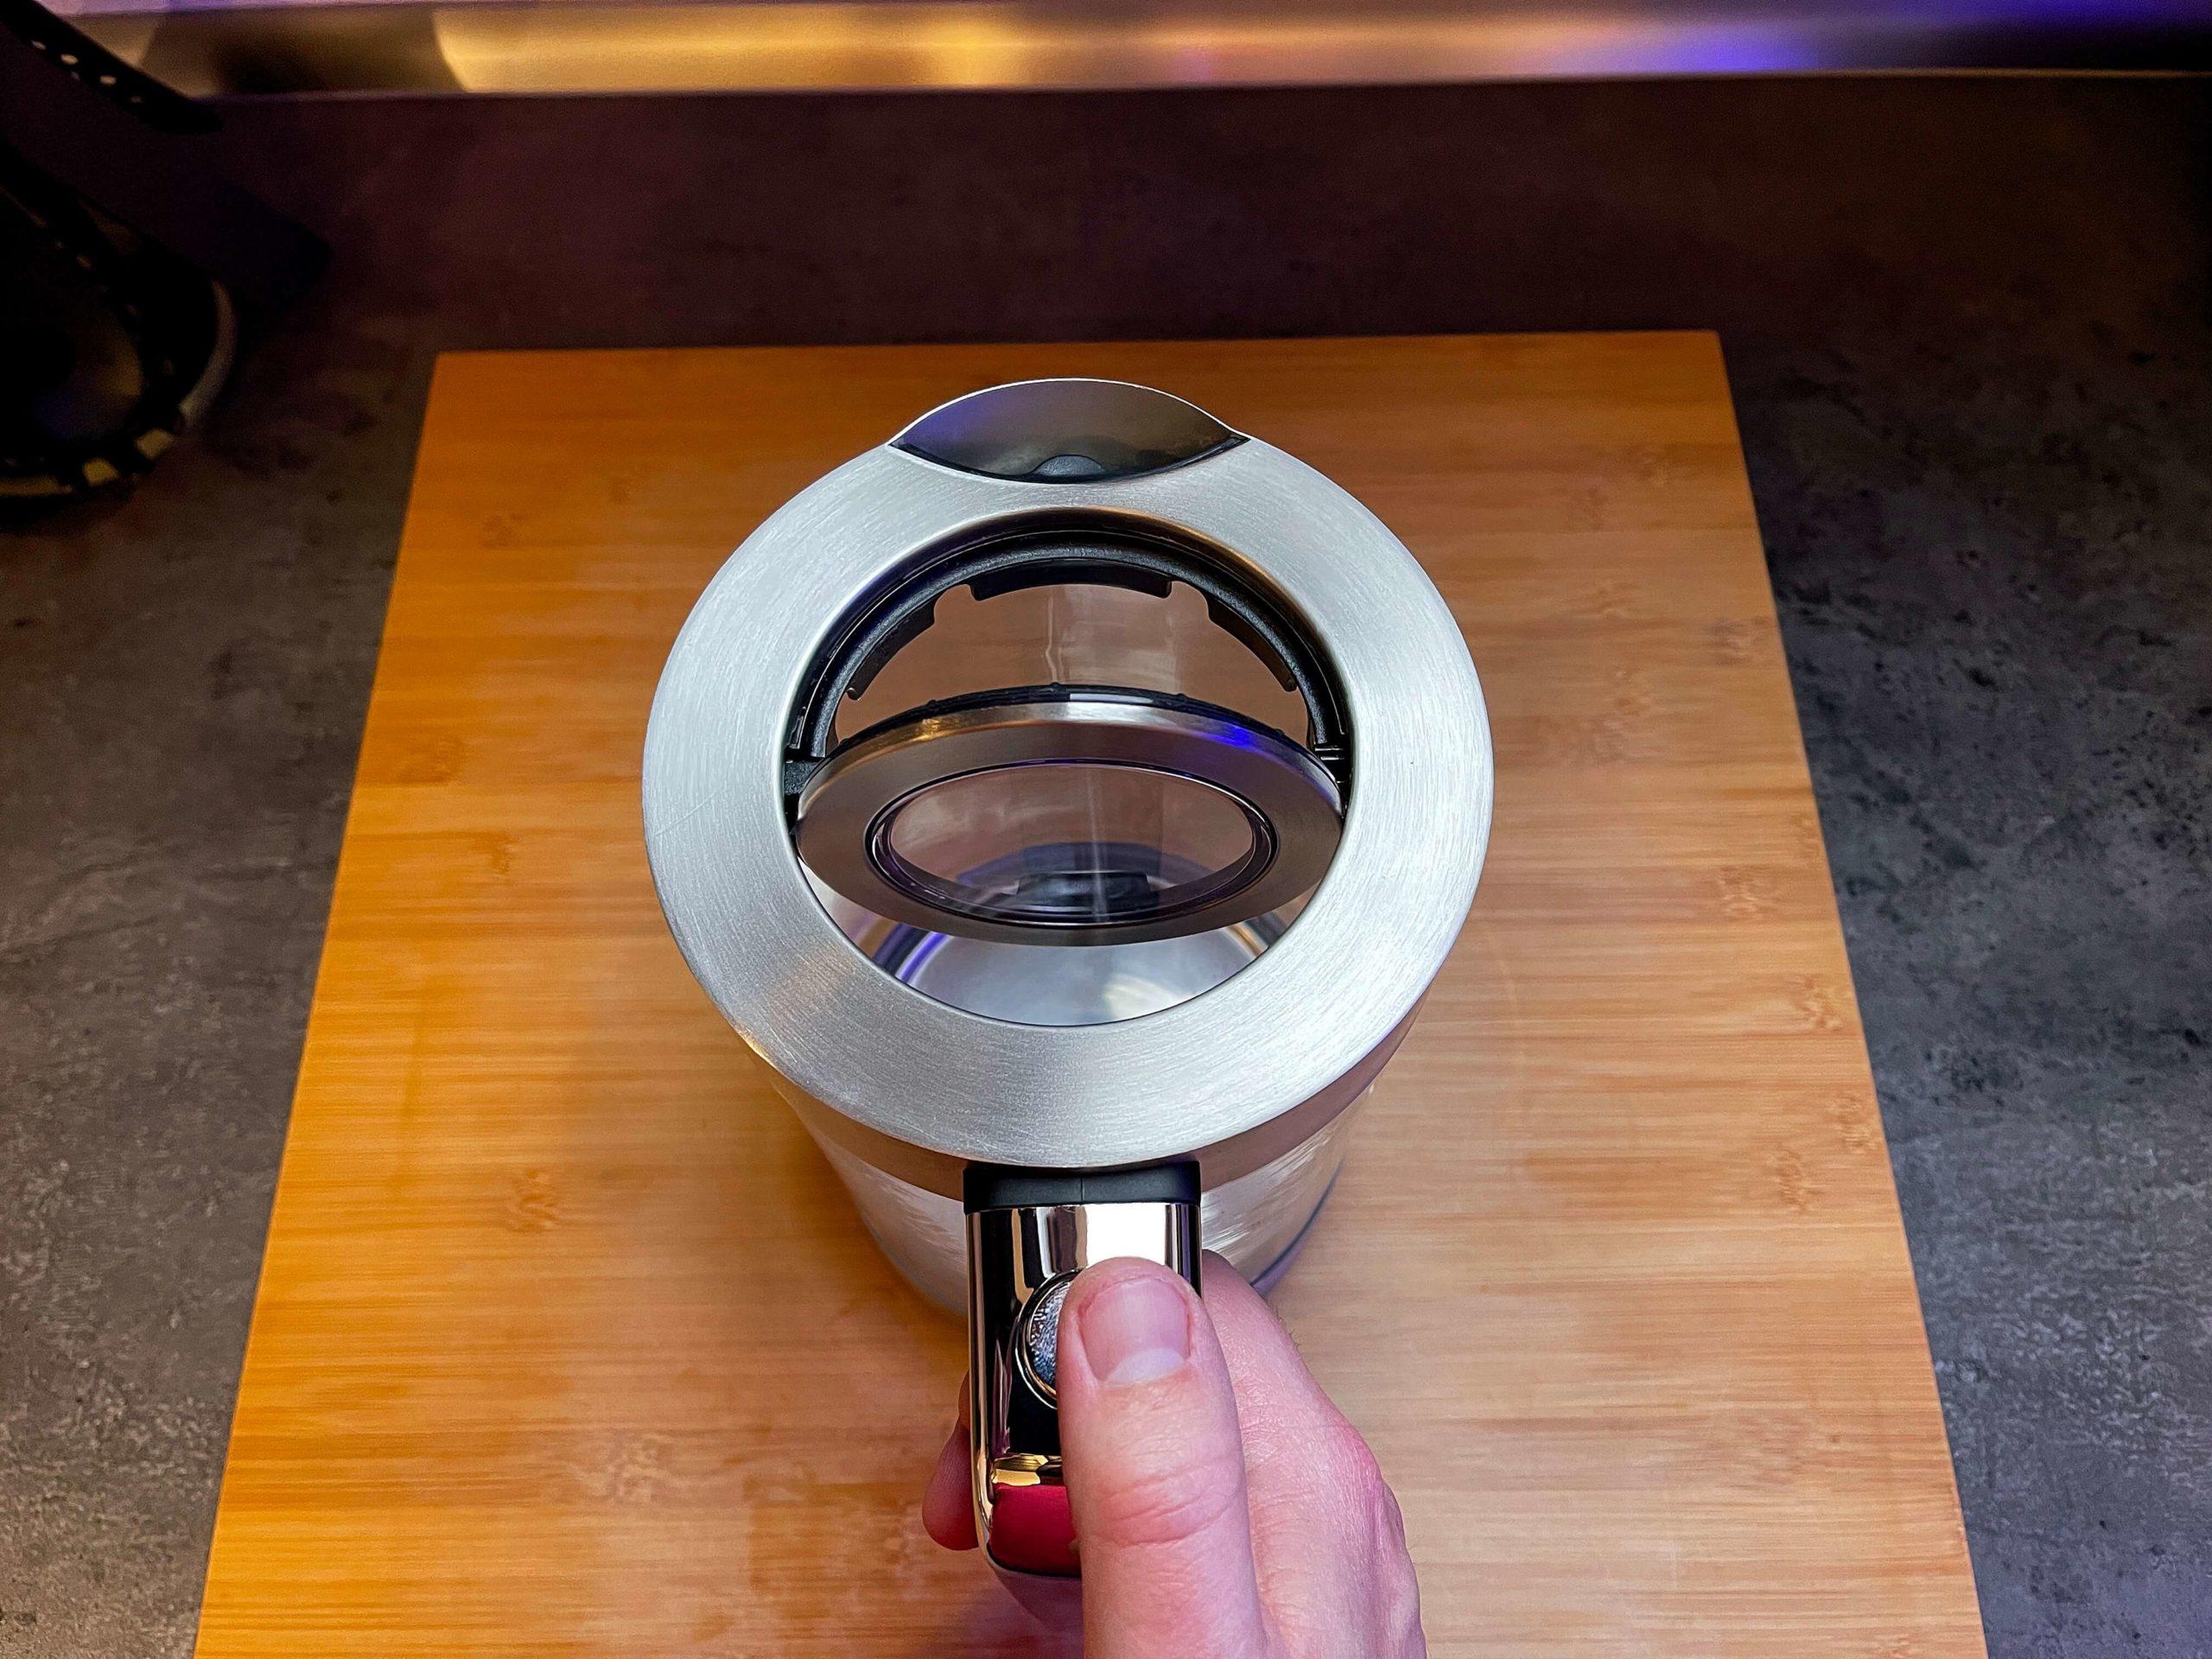 Lono-Glaswasserkocher-von-WMF-ideal-fuer-das-Apple-HomeKit-Zuhause1-scaled Lono Glaswasserkocher von WMF - ideal für das Apple HomeKit-Zuhause